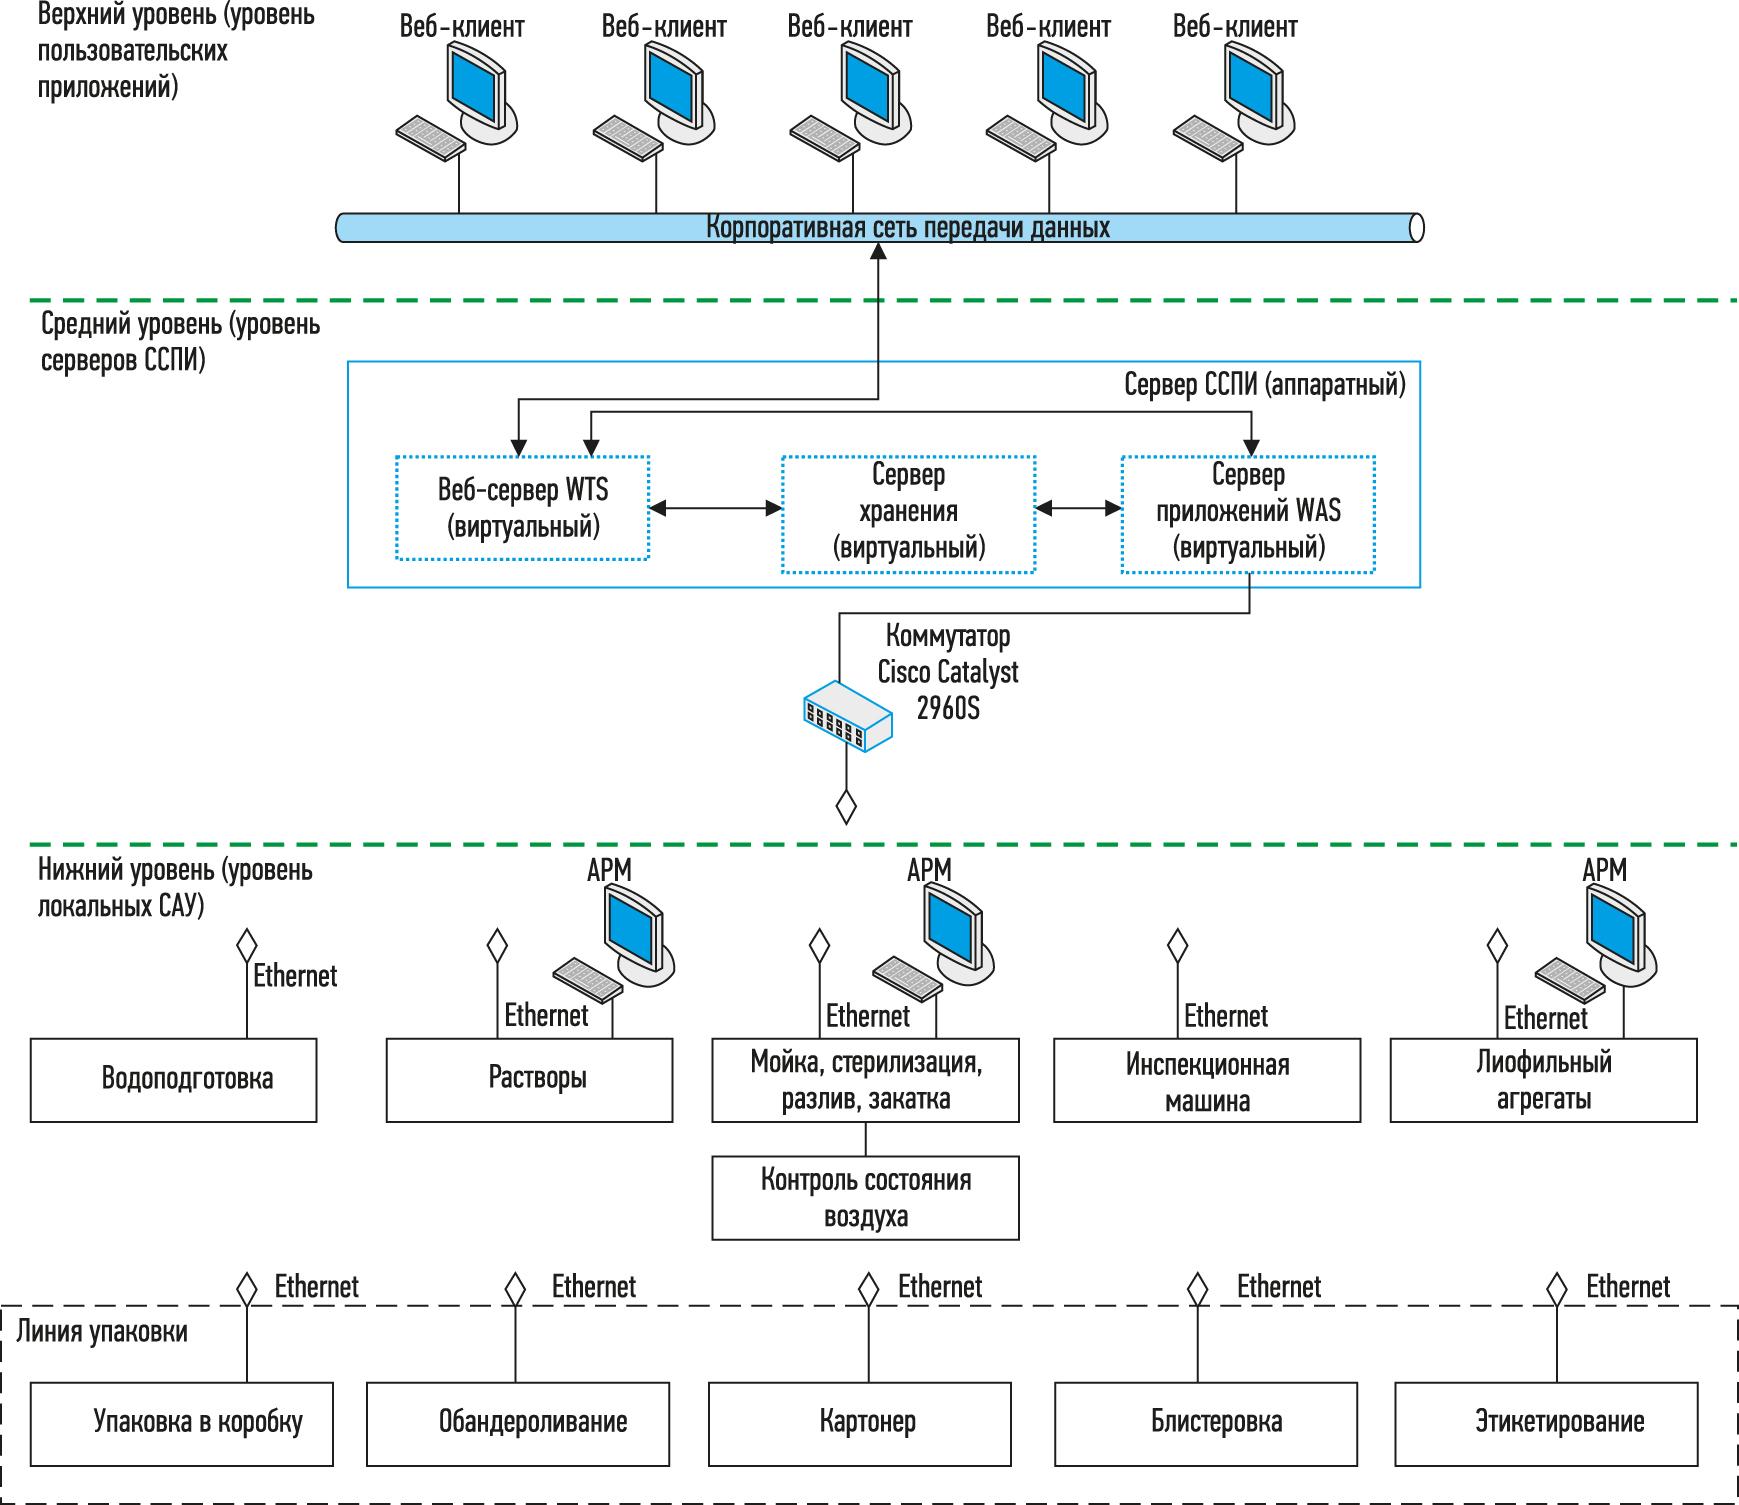 автоматизированная система сбора производственной информации фармацевимческой компании